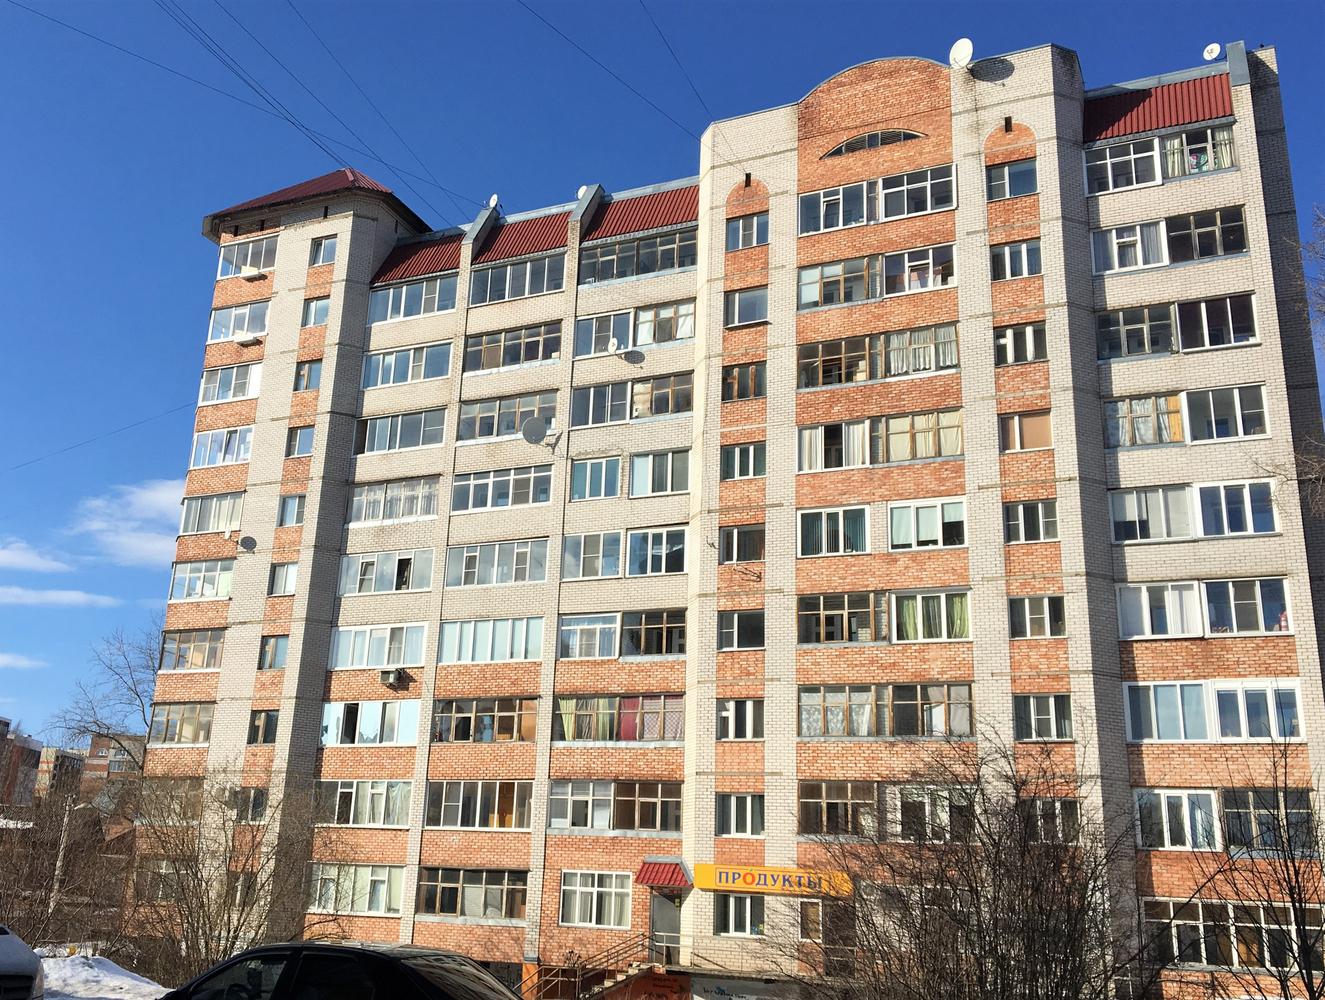 Республика Коми, городской округ Коми, Сыктывкар, ул. Энгельса, 134